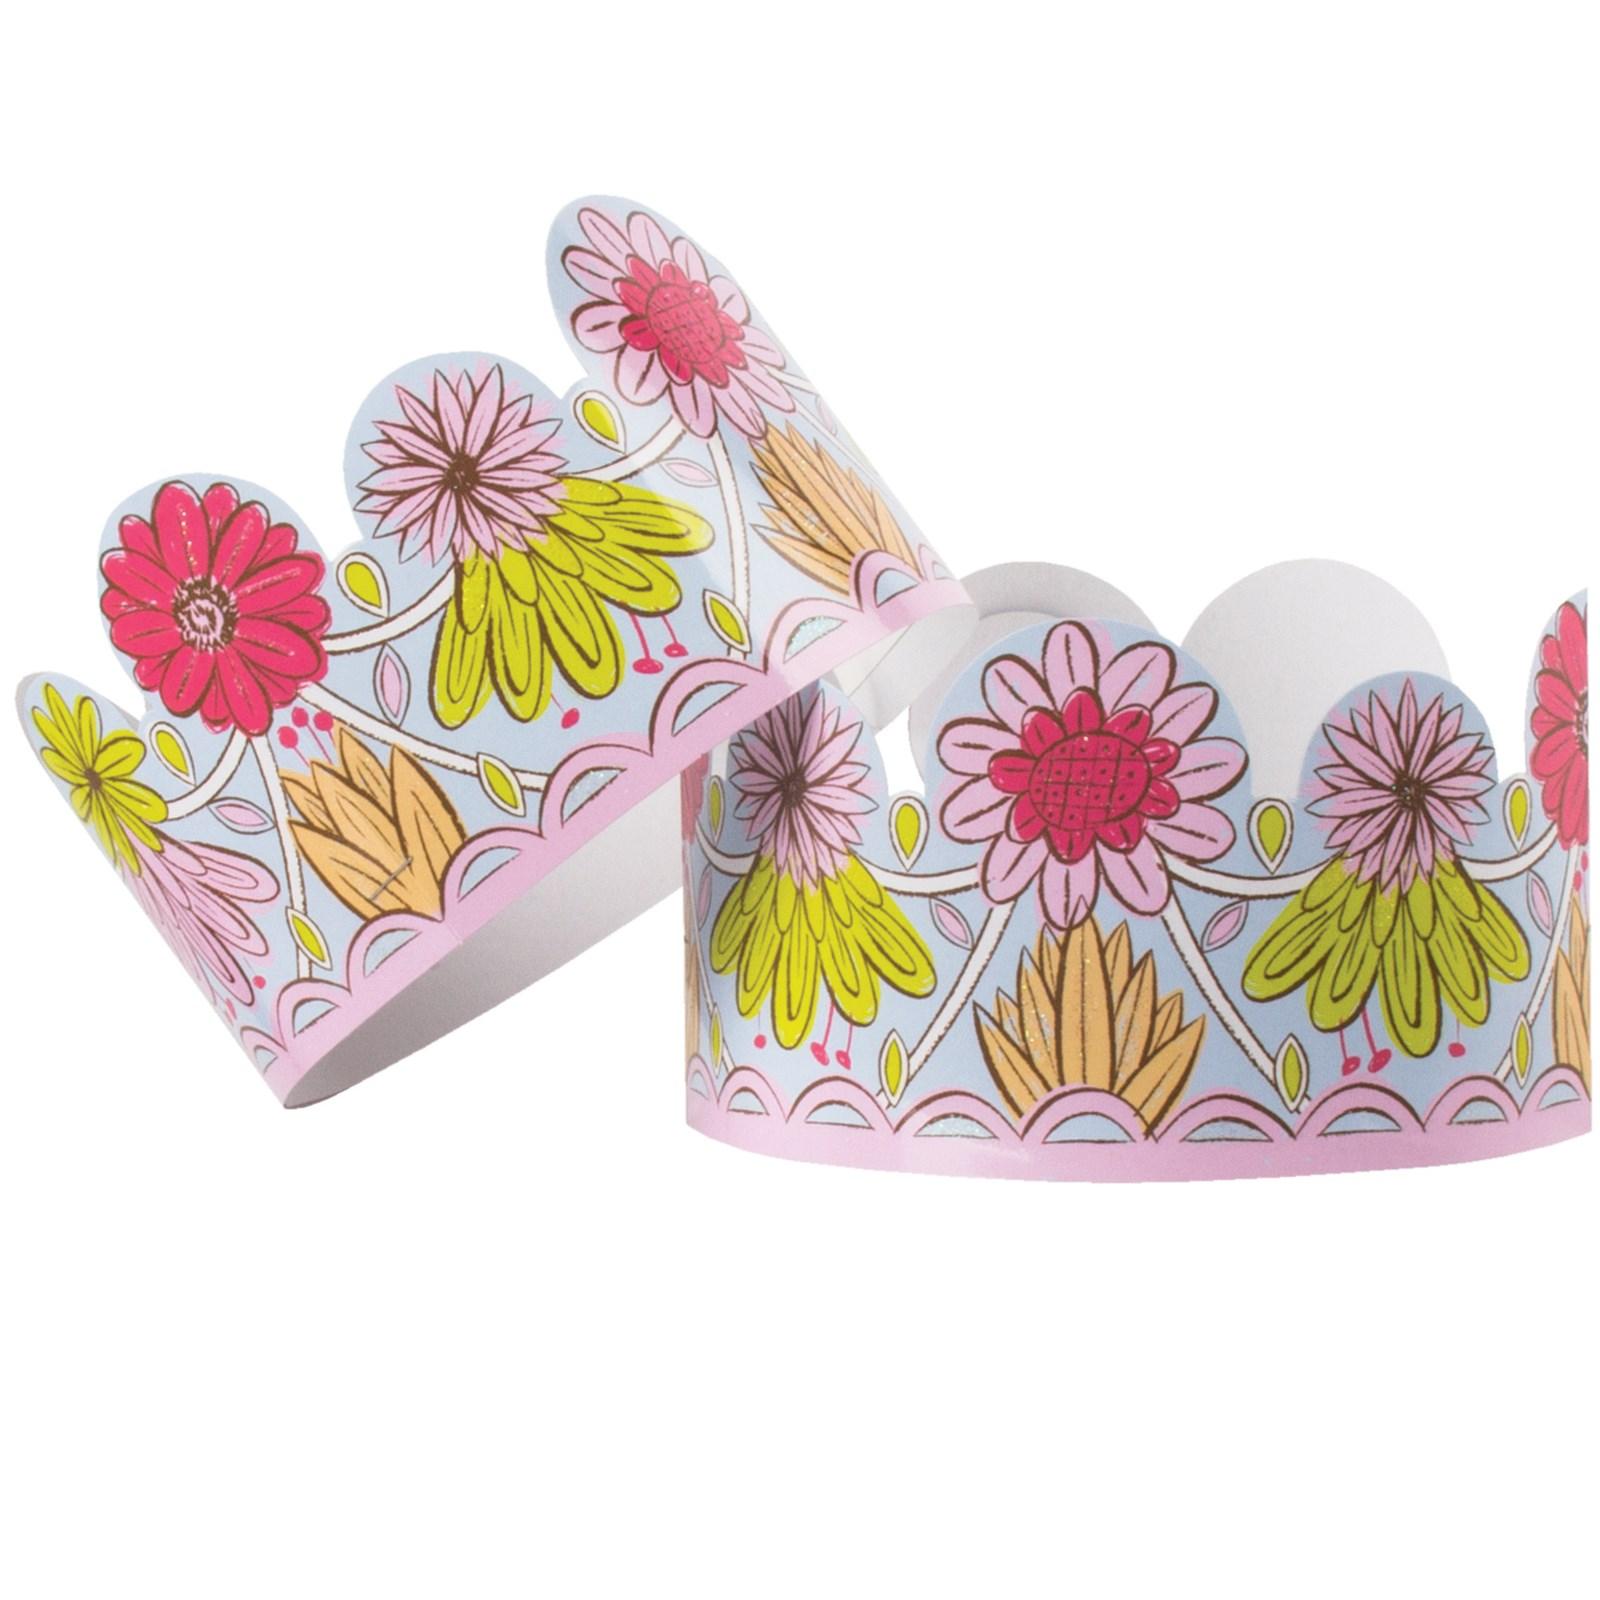 Make a Wish Flower Crowns